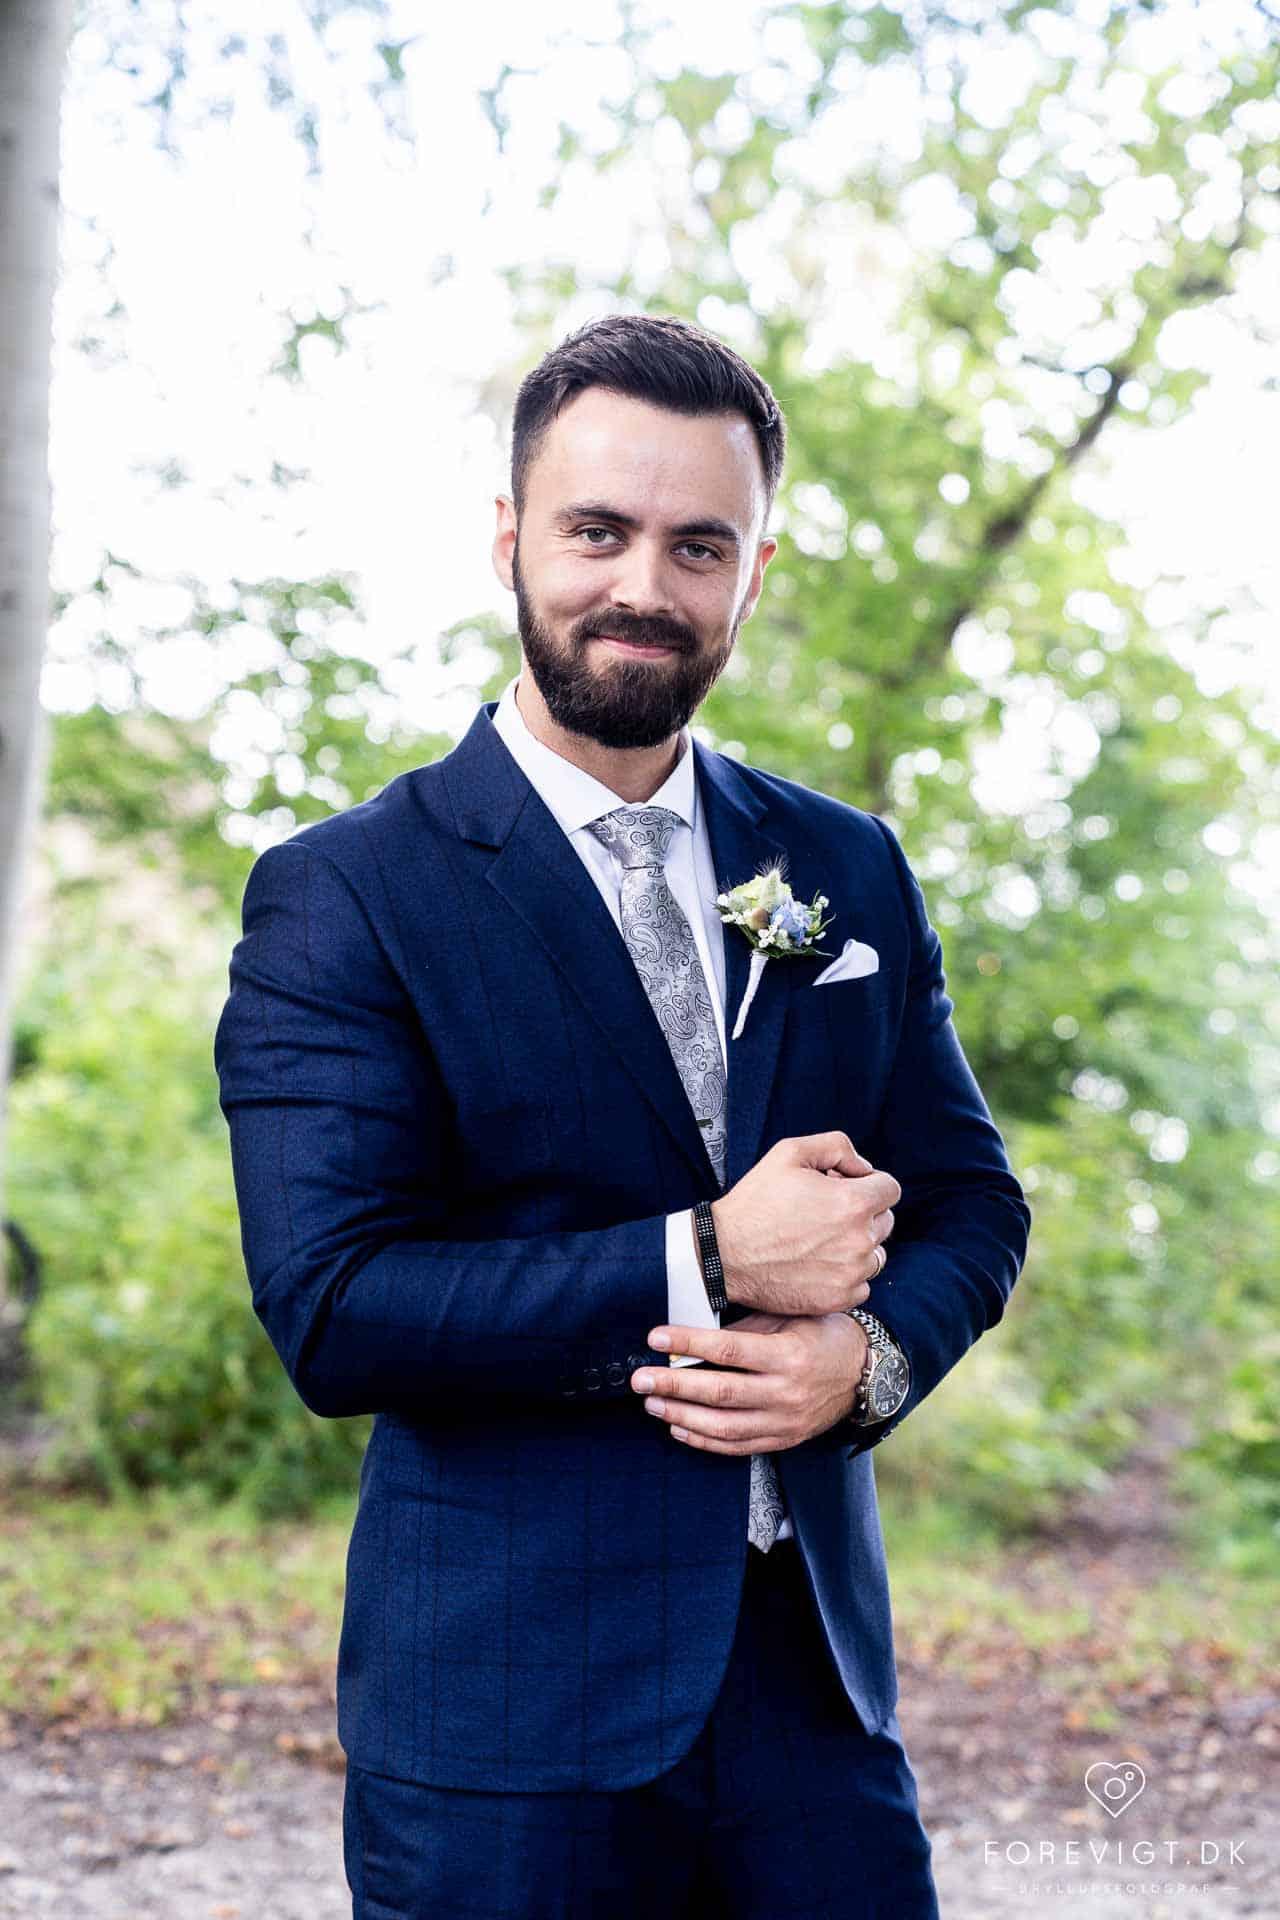 Bryllupsfotograf Århus til bryllupsbilleder med kant